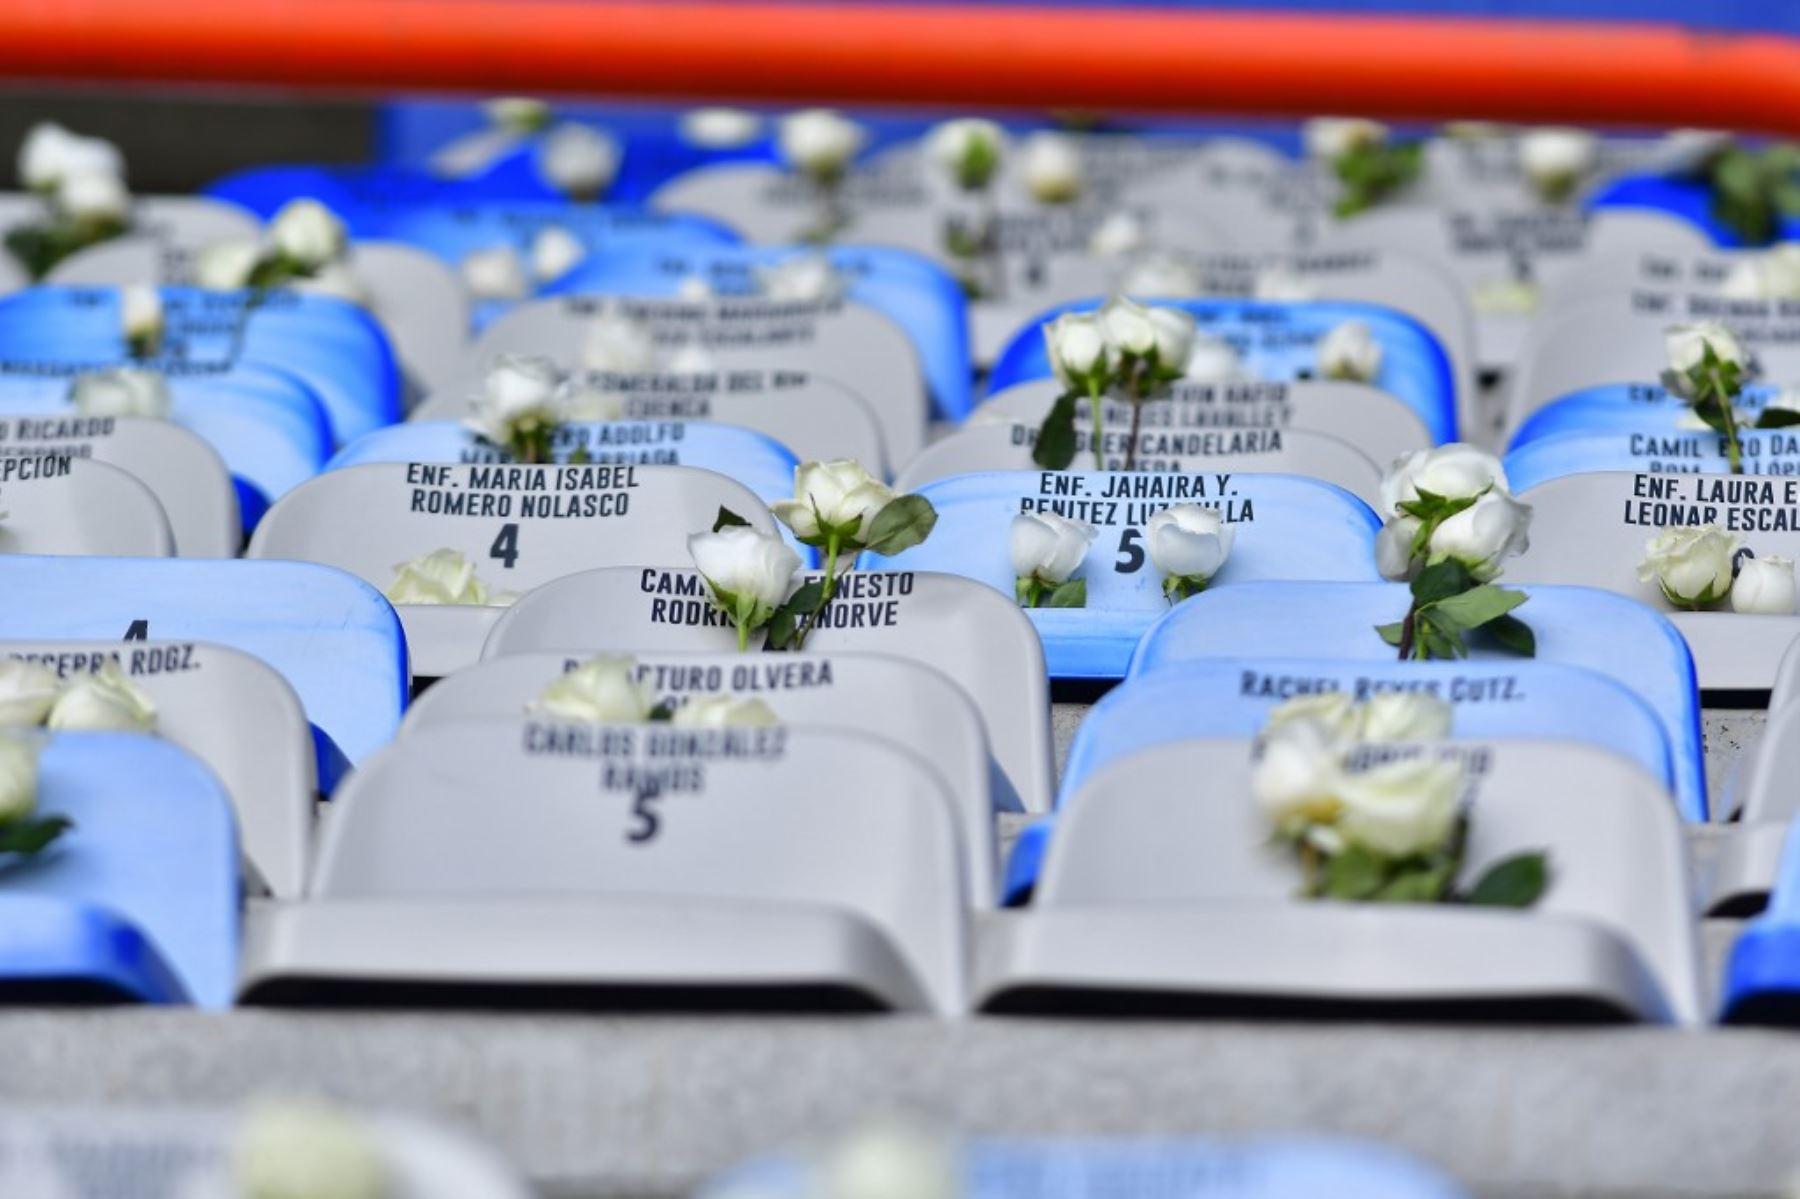 Vista de gradas vacías en el estadio Miguel Hidalgo donde se colocaron flores como homenaje al personal médico que murió víctima del covid-19. Foto: AFP